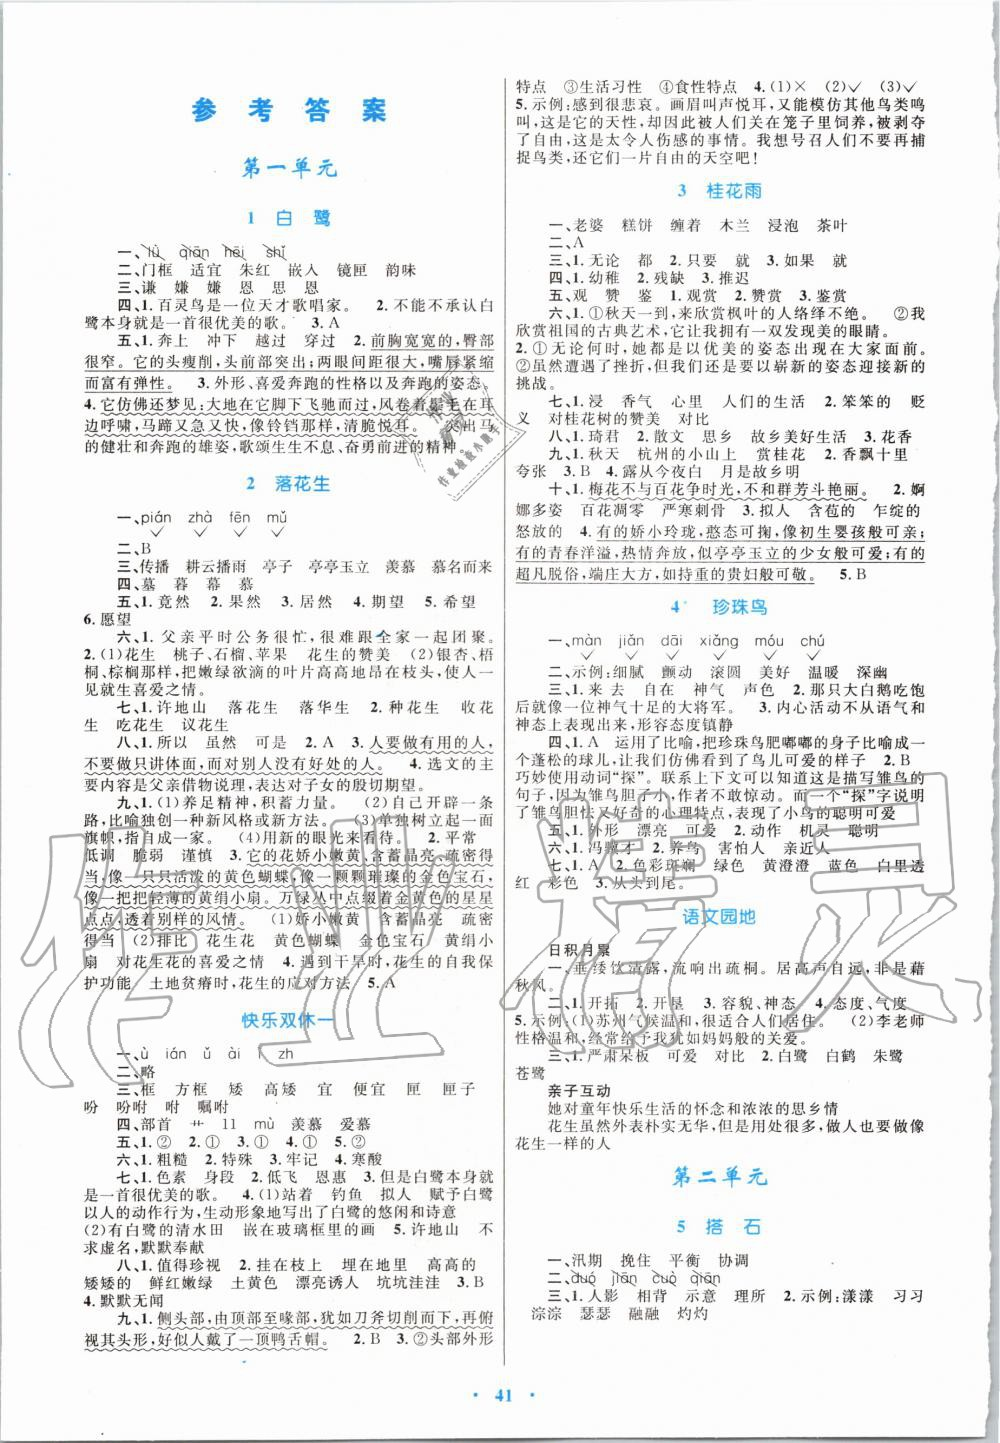 2019年小学同步学习目标与检测五年级语文上册人教版第1页